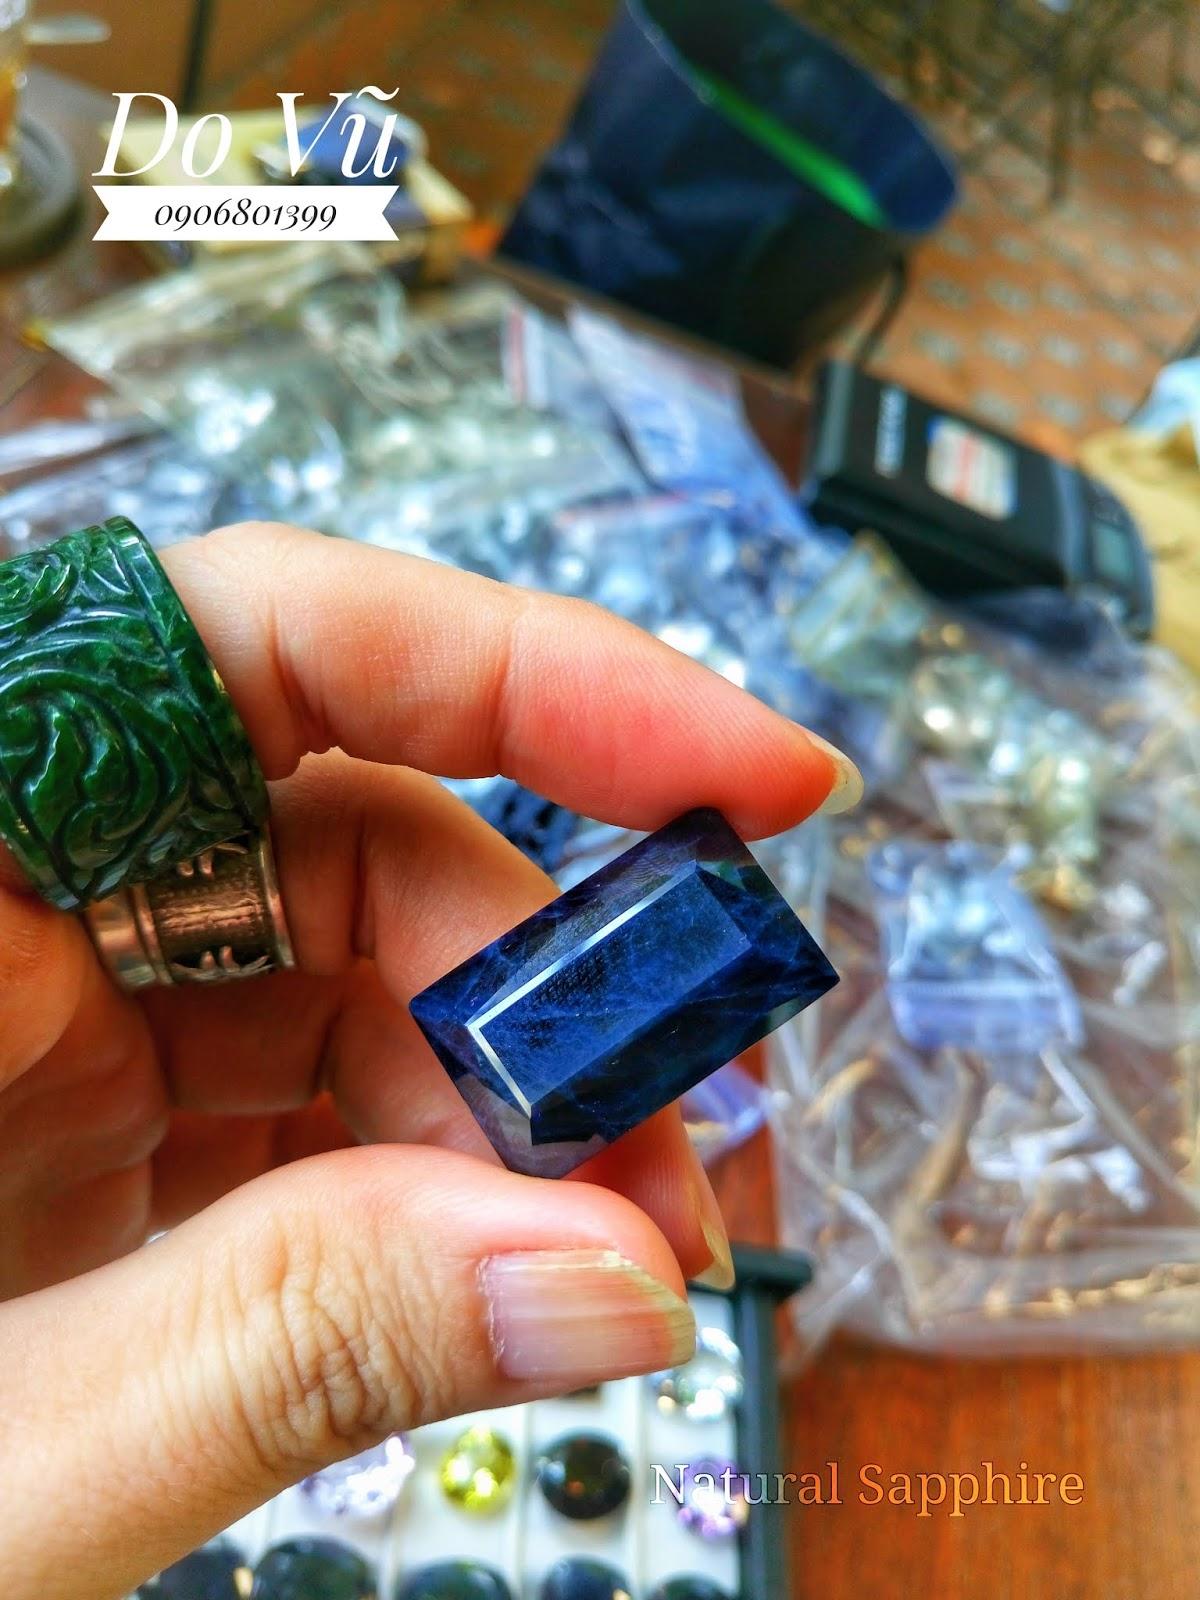 Đá quý Sapphire thiên nhiên, Natural Sapphire xanh hero chất ngọc ( 10/4/20, 02 )